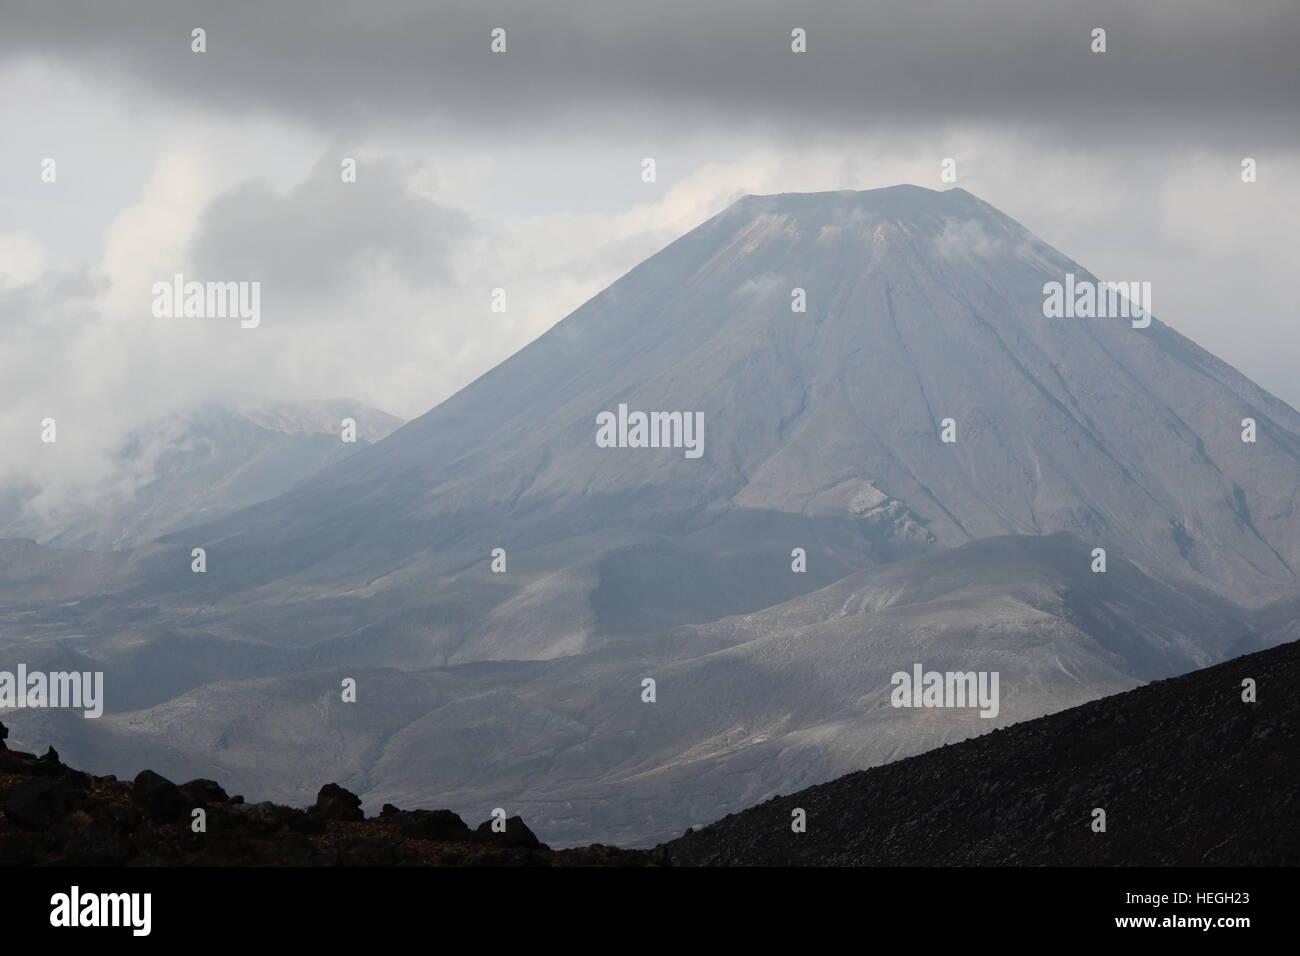 Vulcano Mount Doom in Neuseeland von Lord of the Rings Filme Stockbild